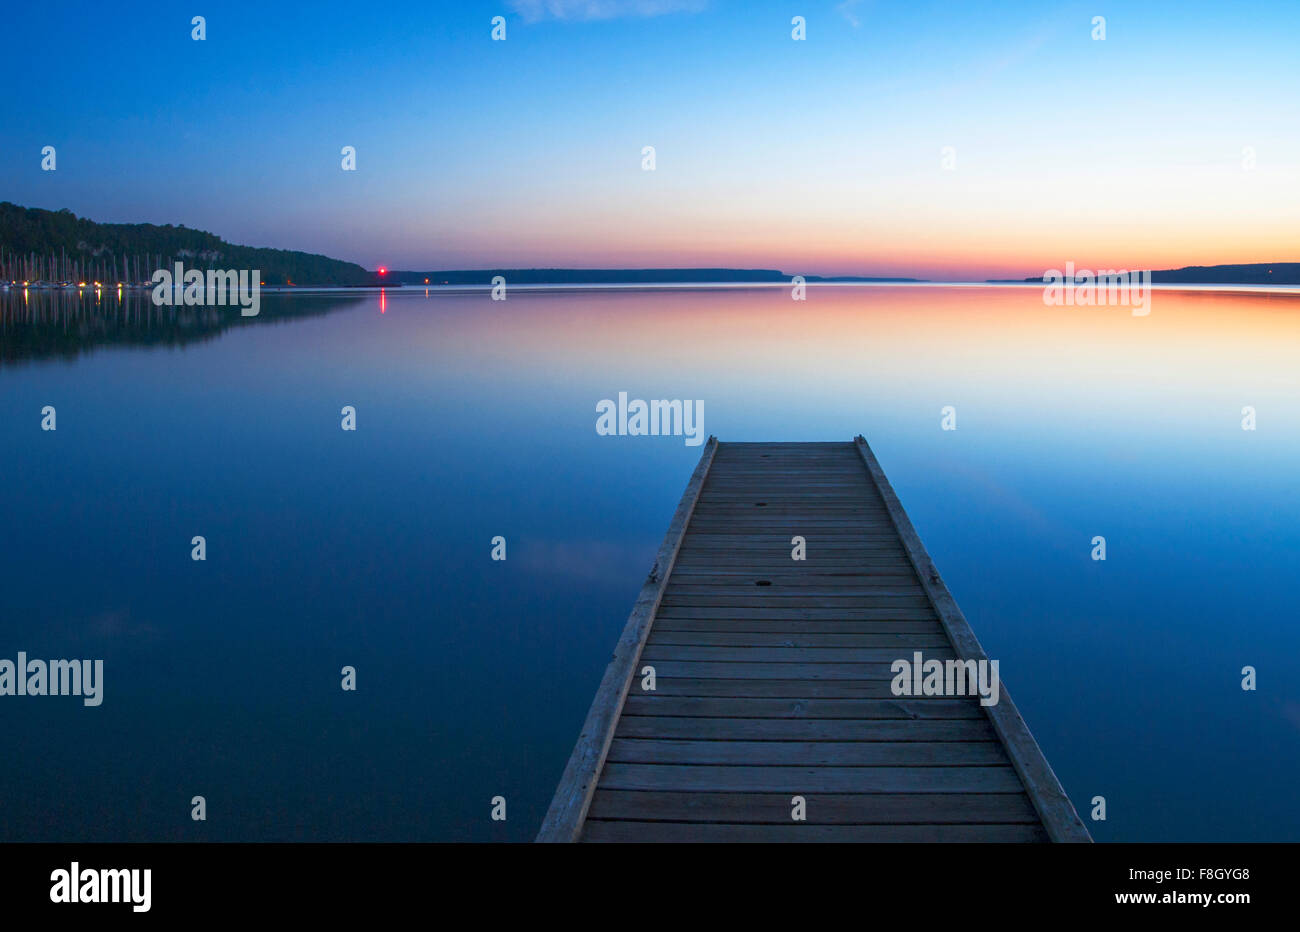 Wooden dock over still lake - Stock Image